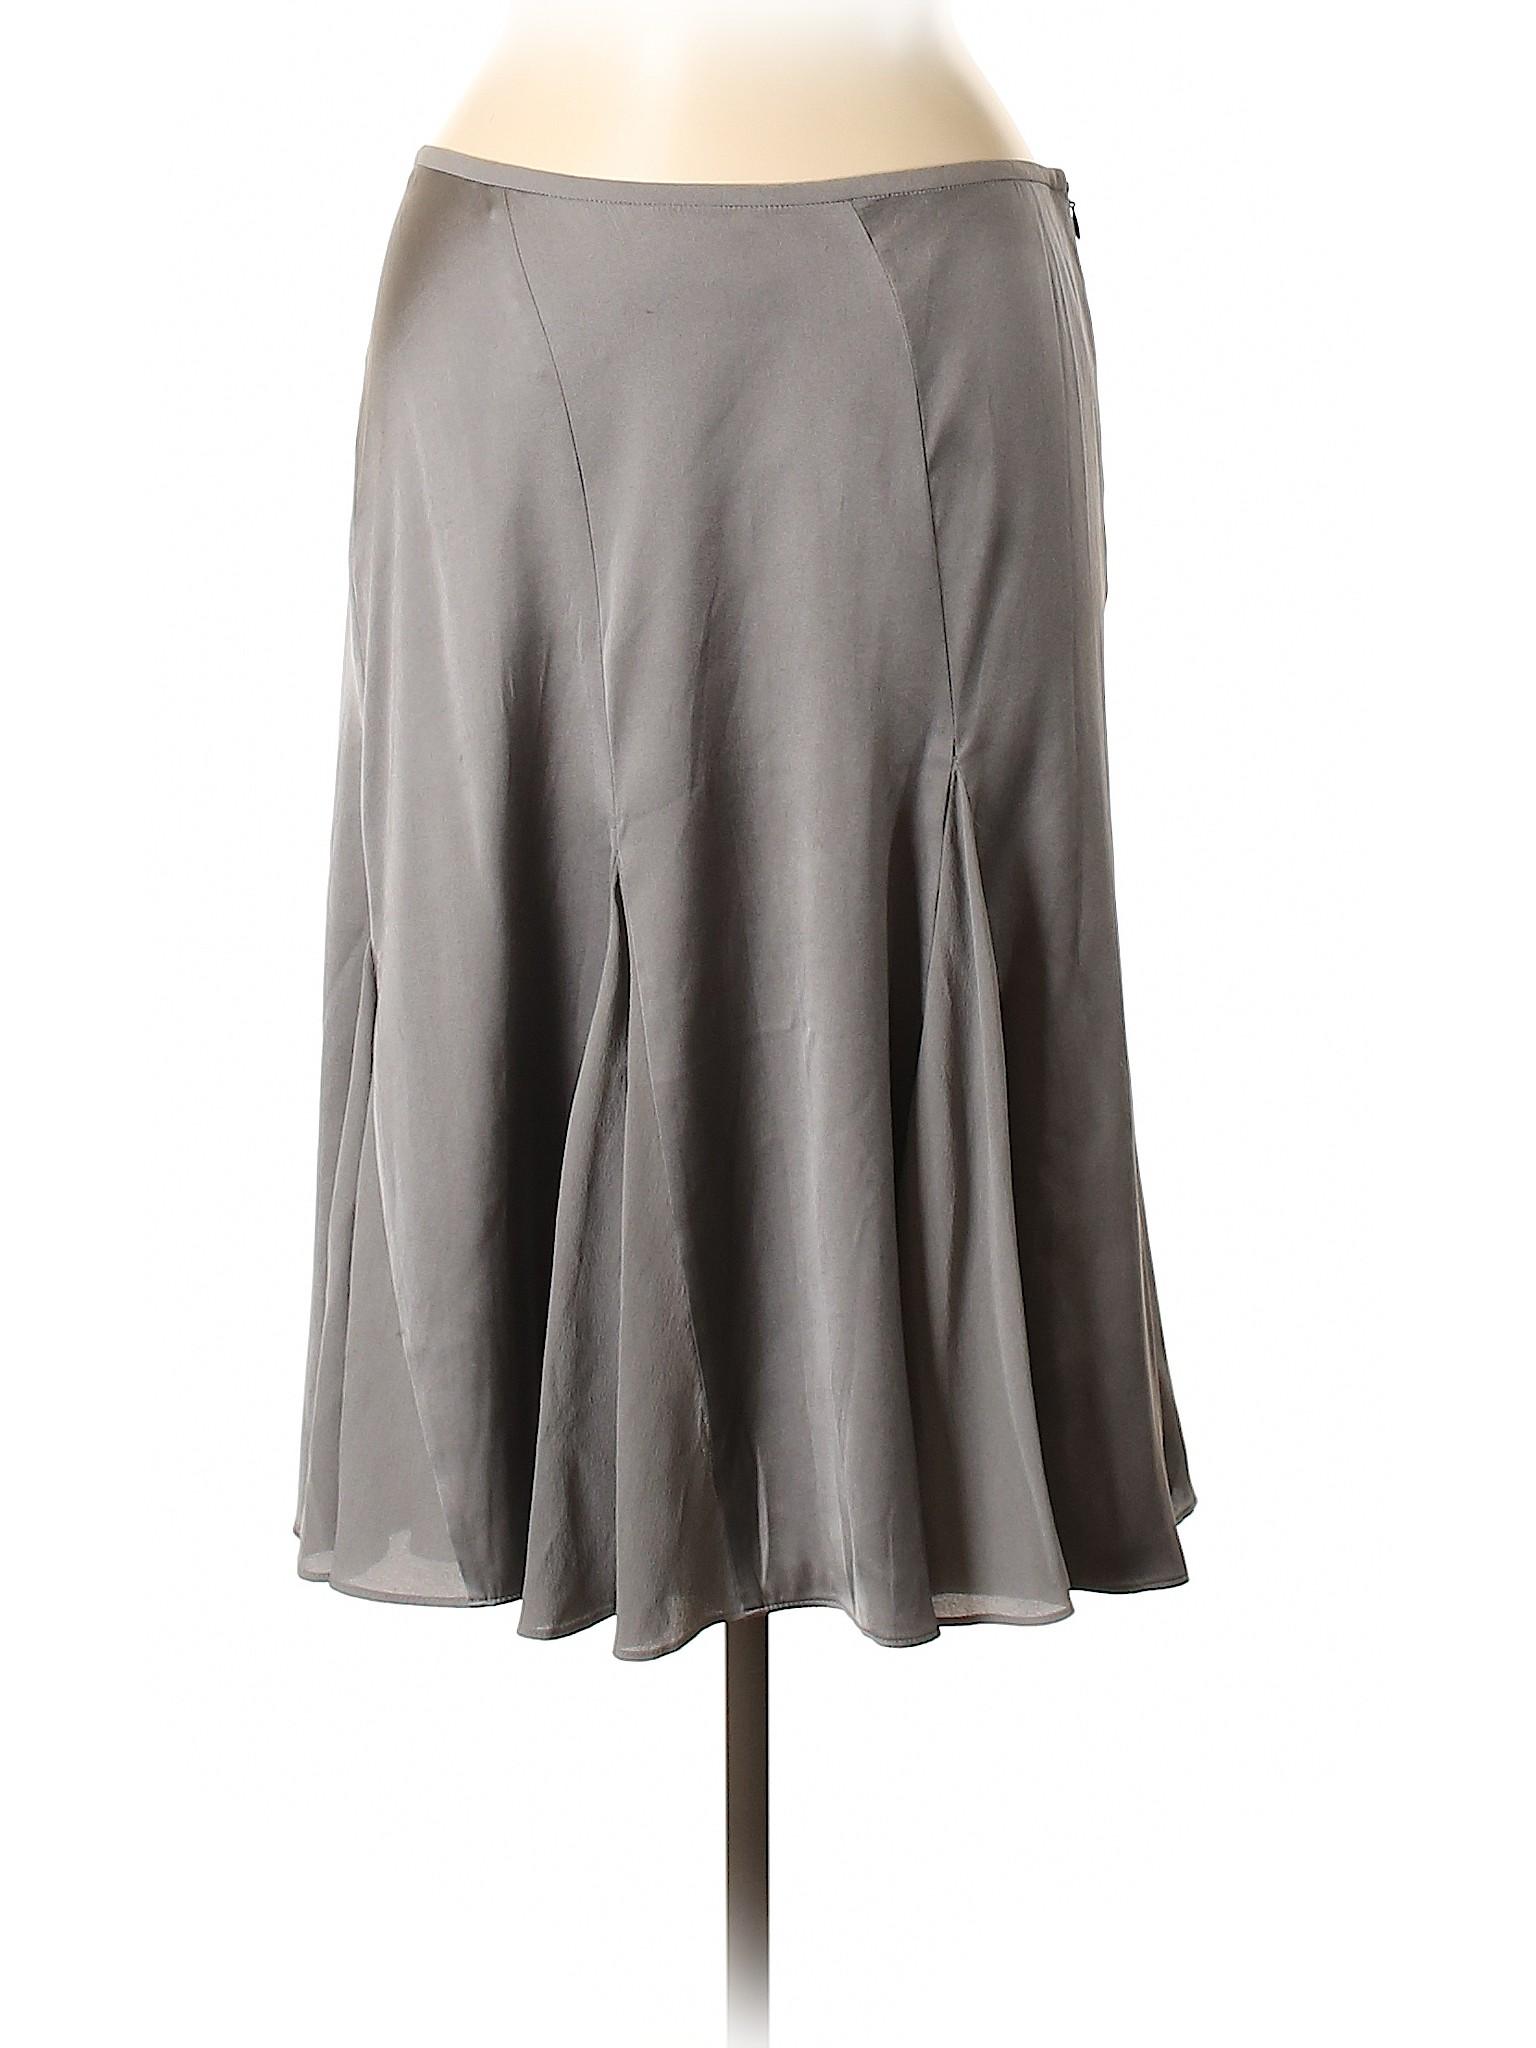 Boutique Skirt Boutique Boutique Silk Silk Skirt Silk Boutique Boutique Silk Skirt Silk Skirt rB6wgrqaZ